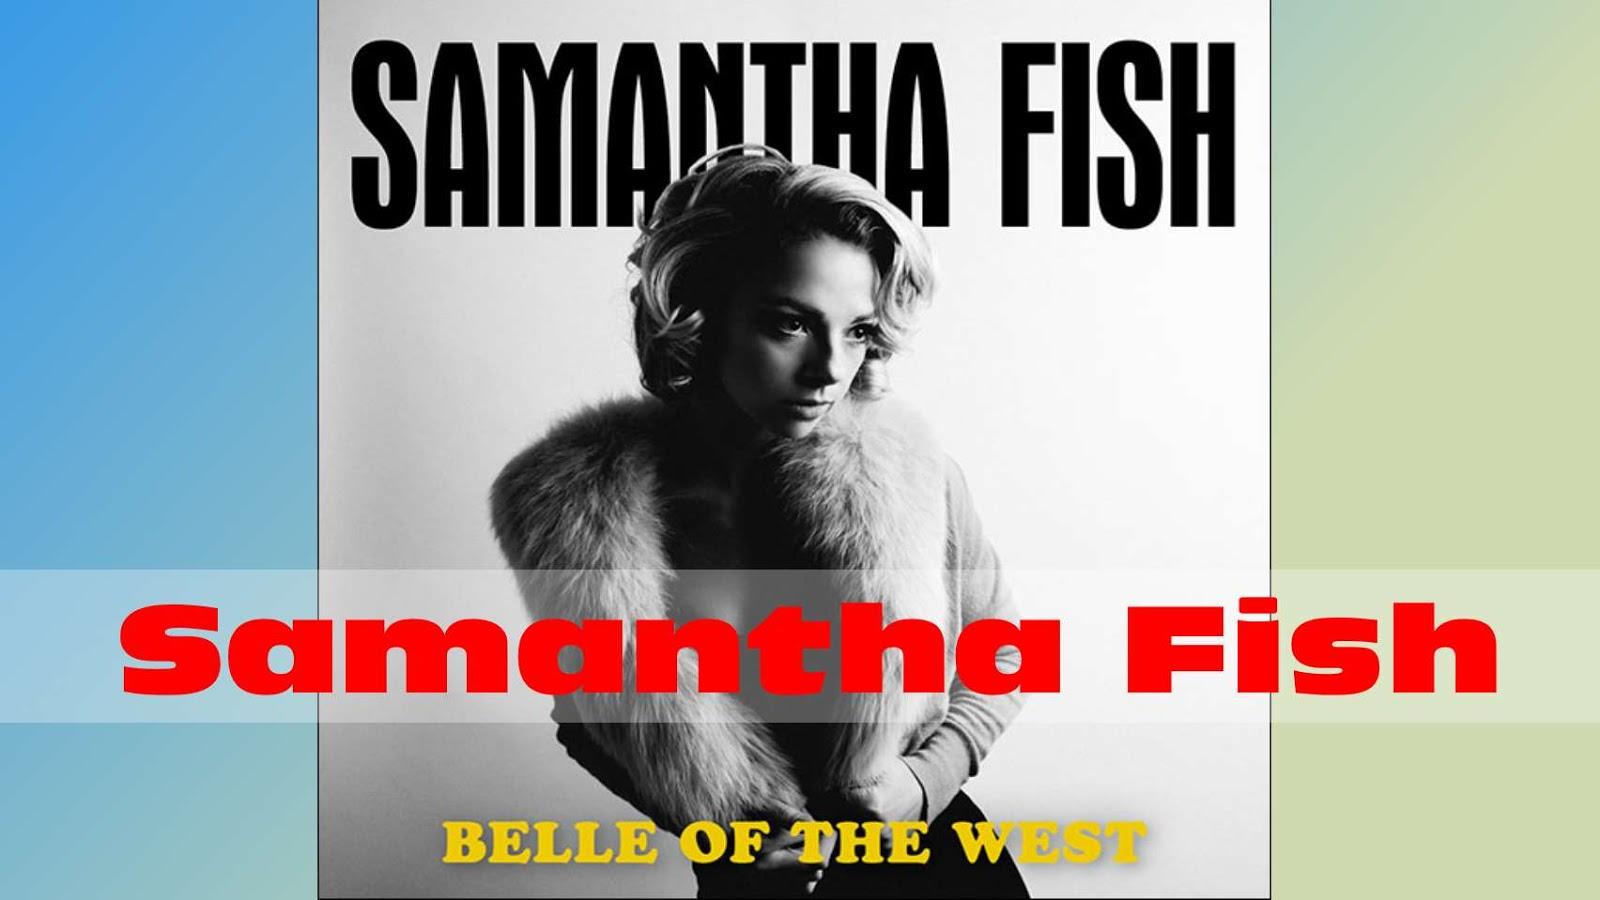 """Résultat de recherche d'images pour """"samantha fish belle of the west images"""""""